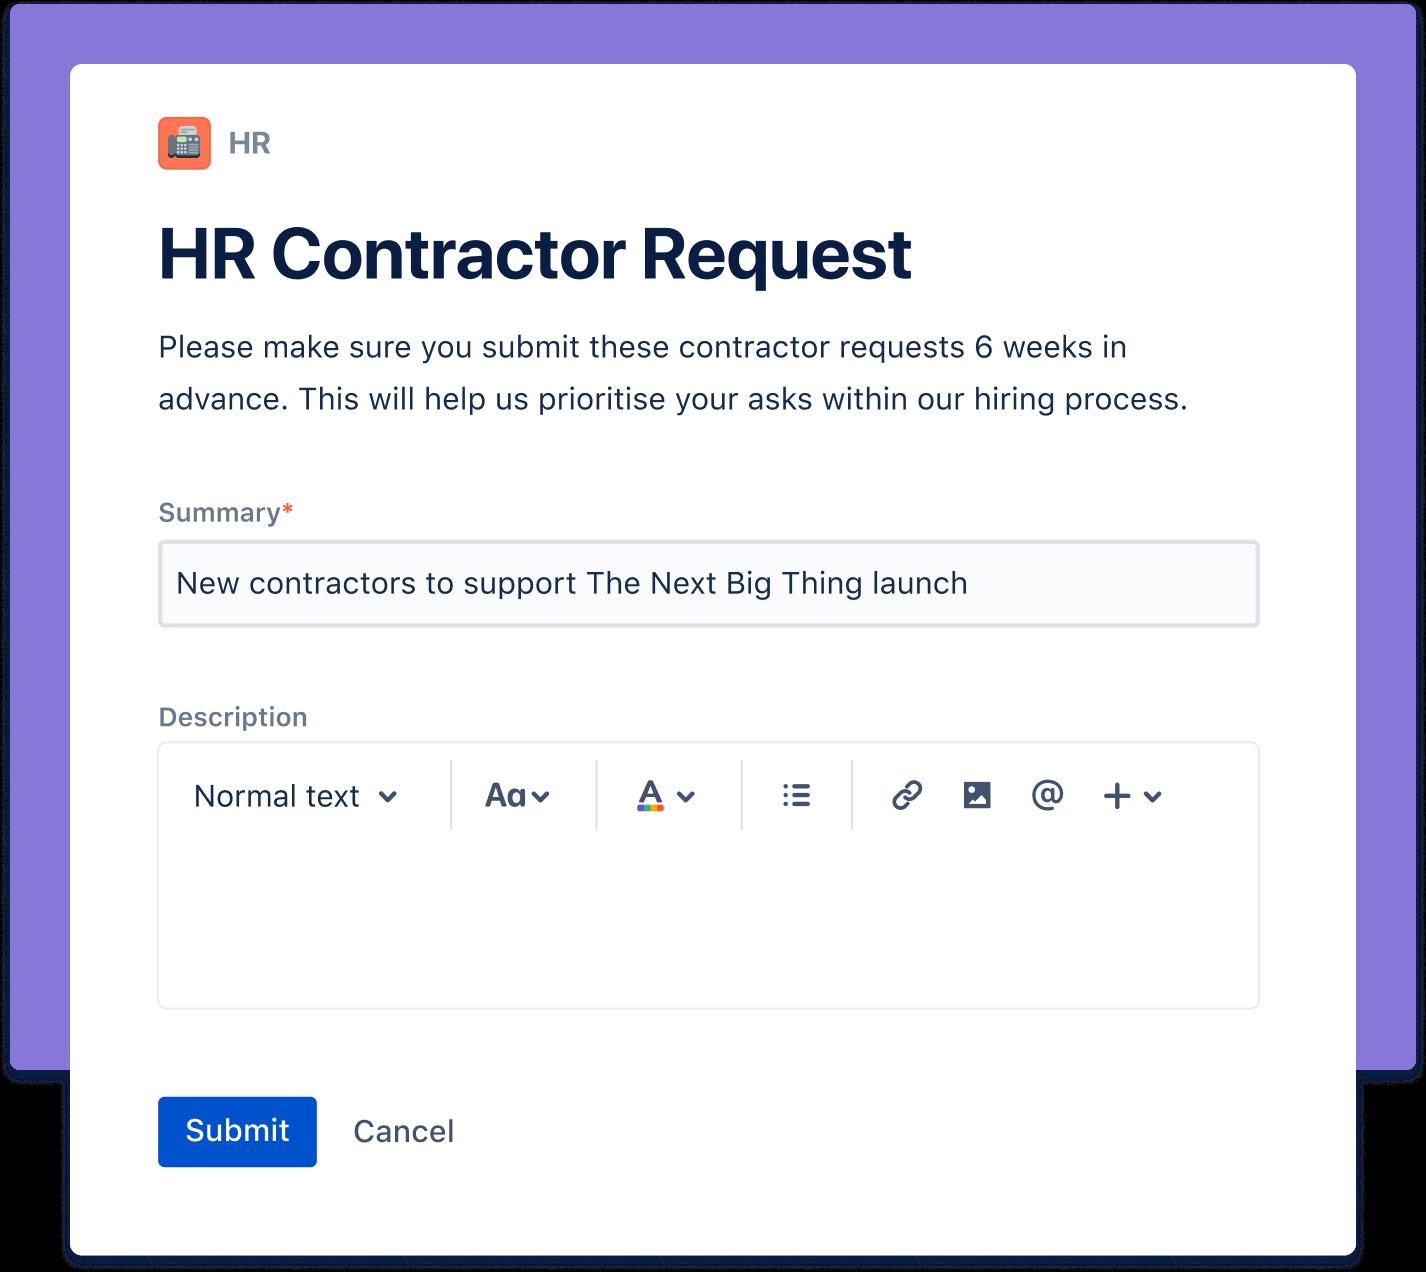 HR contractor request screenshot